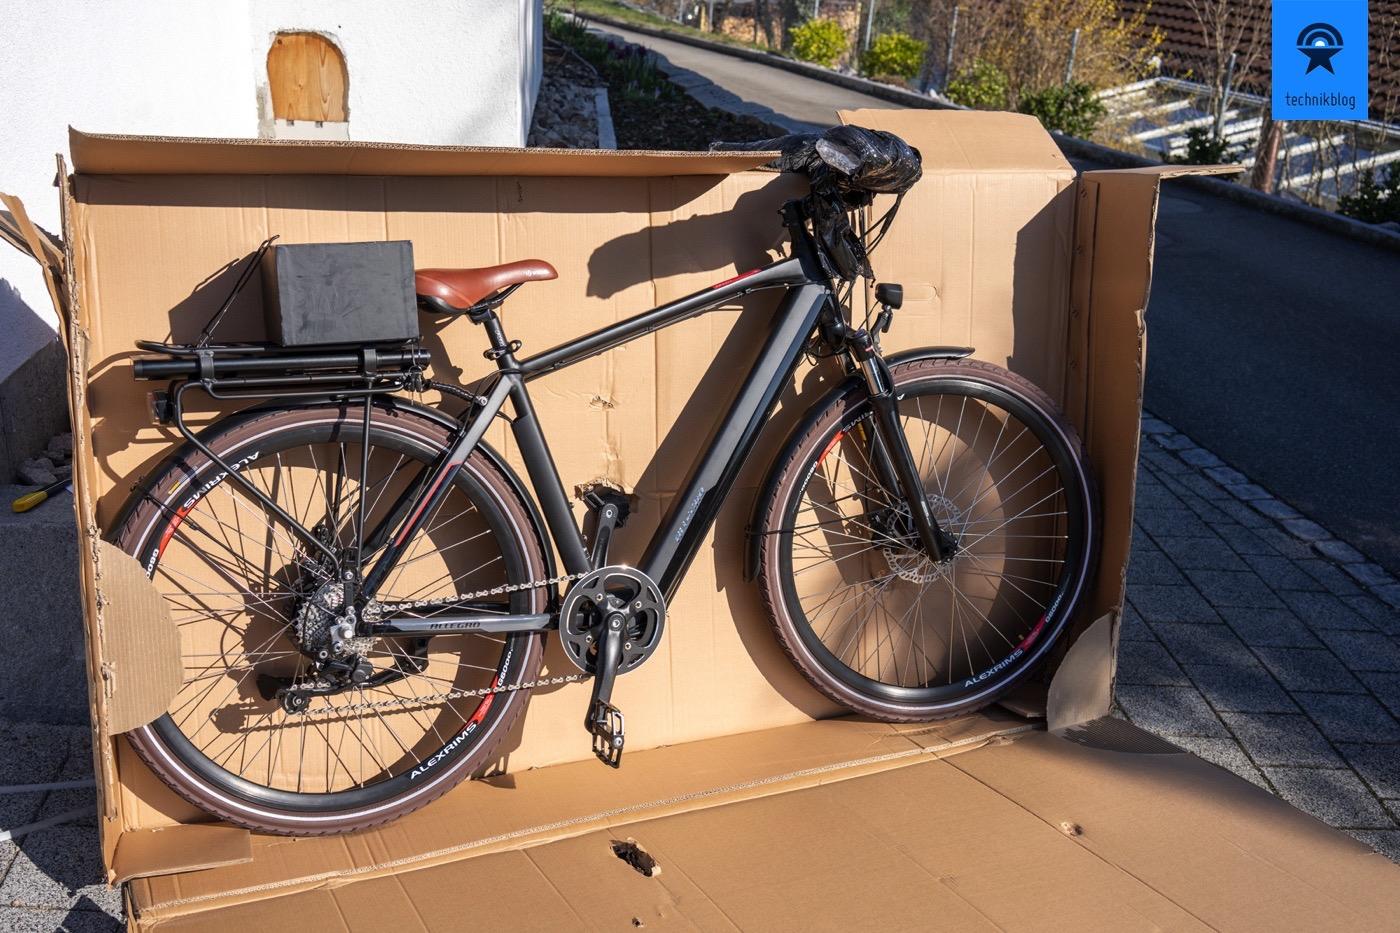 Fertig montiertes Allegro E-Bike im Karton